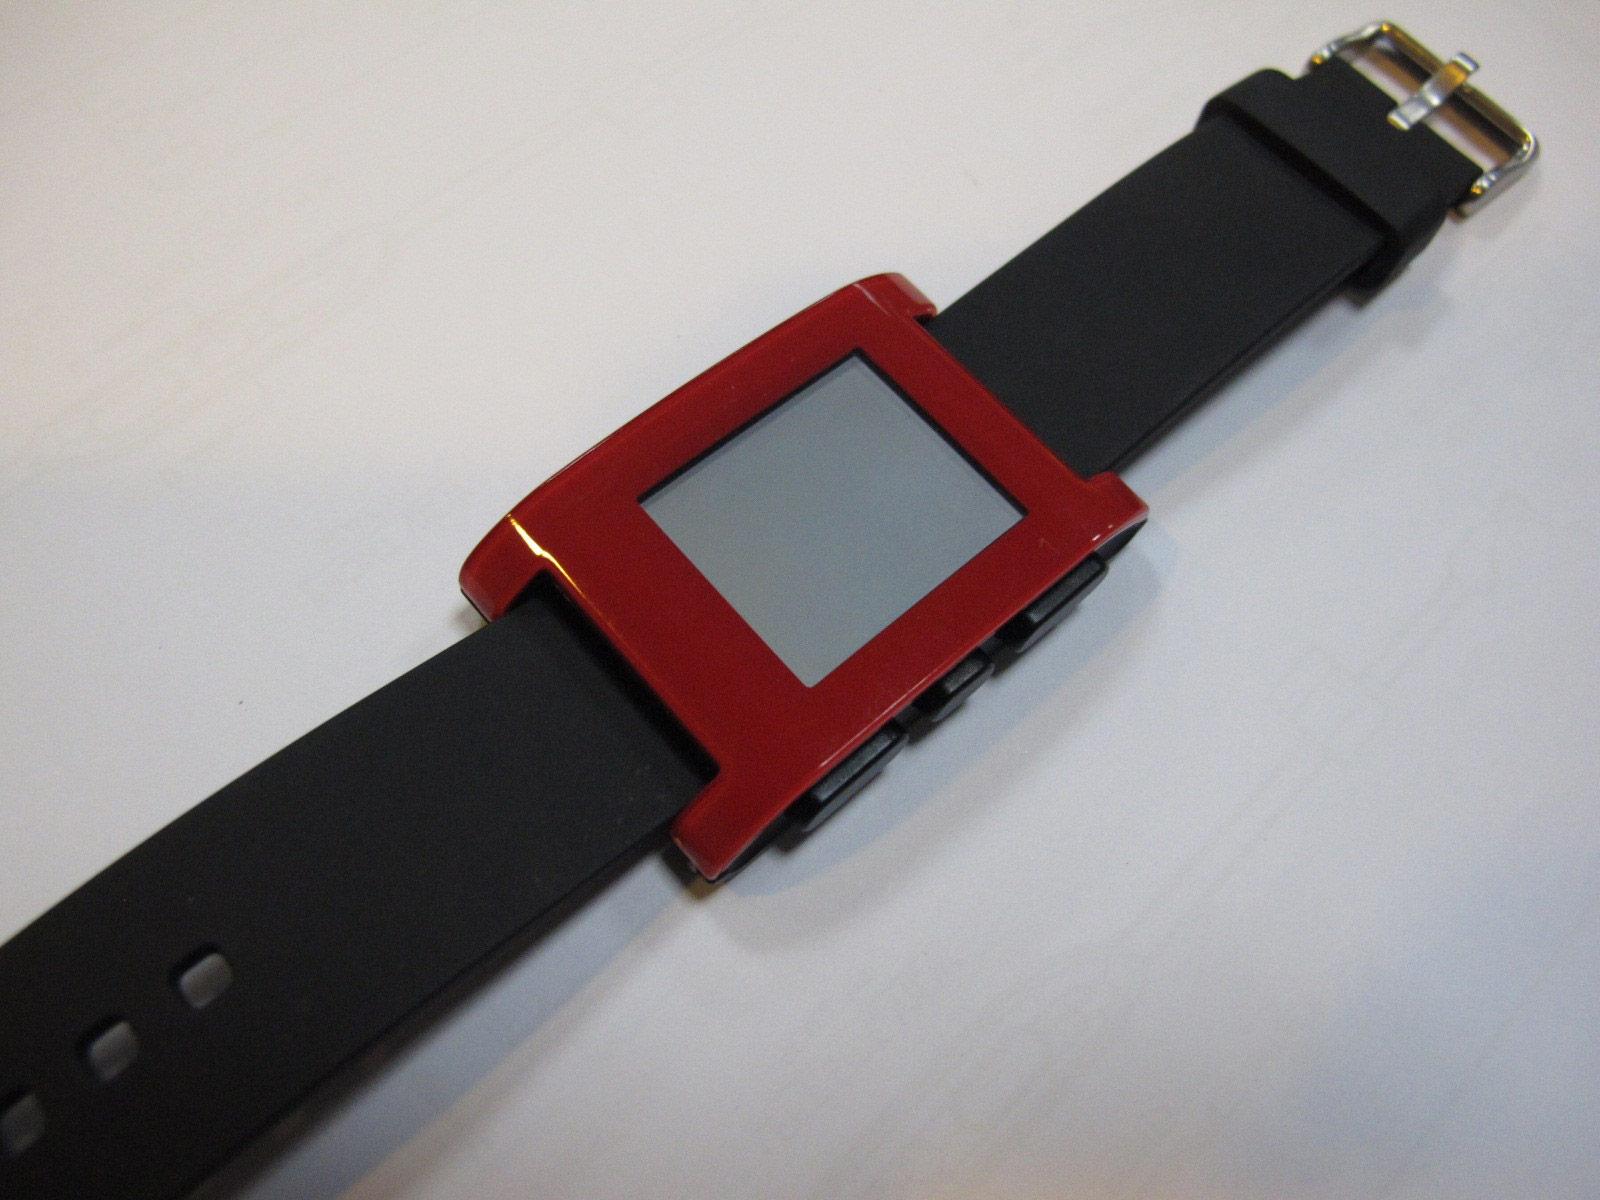 Pebble podrá conectarse con nuestro iPhone o teléfono Android